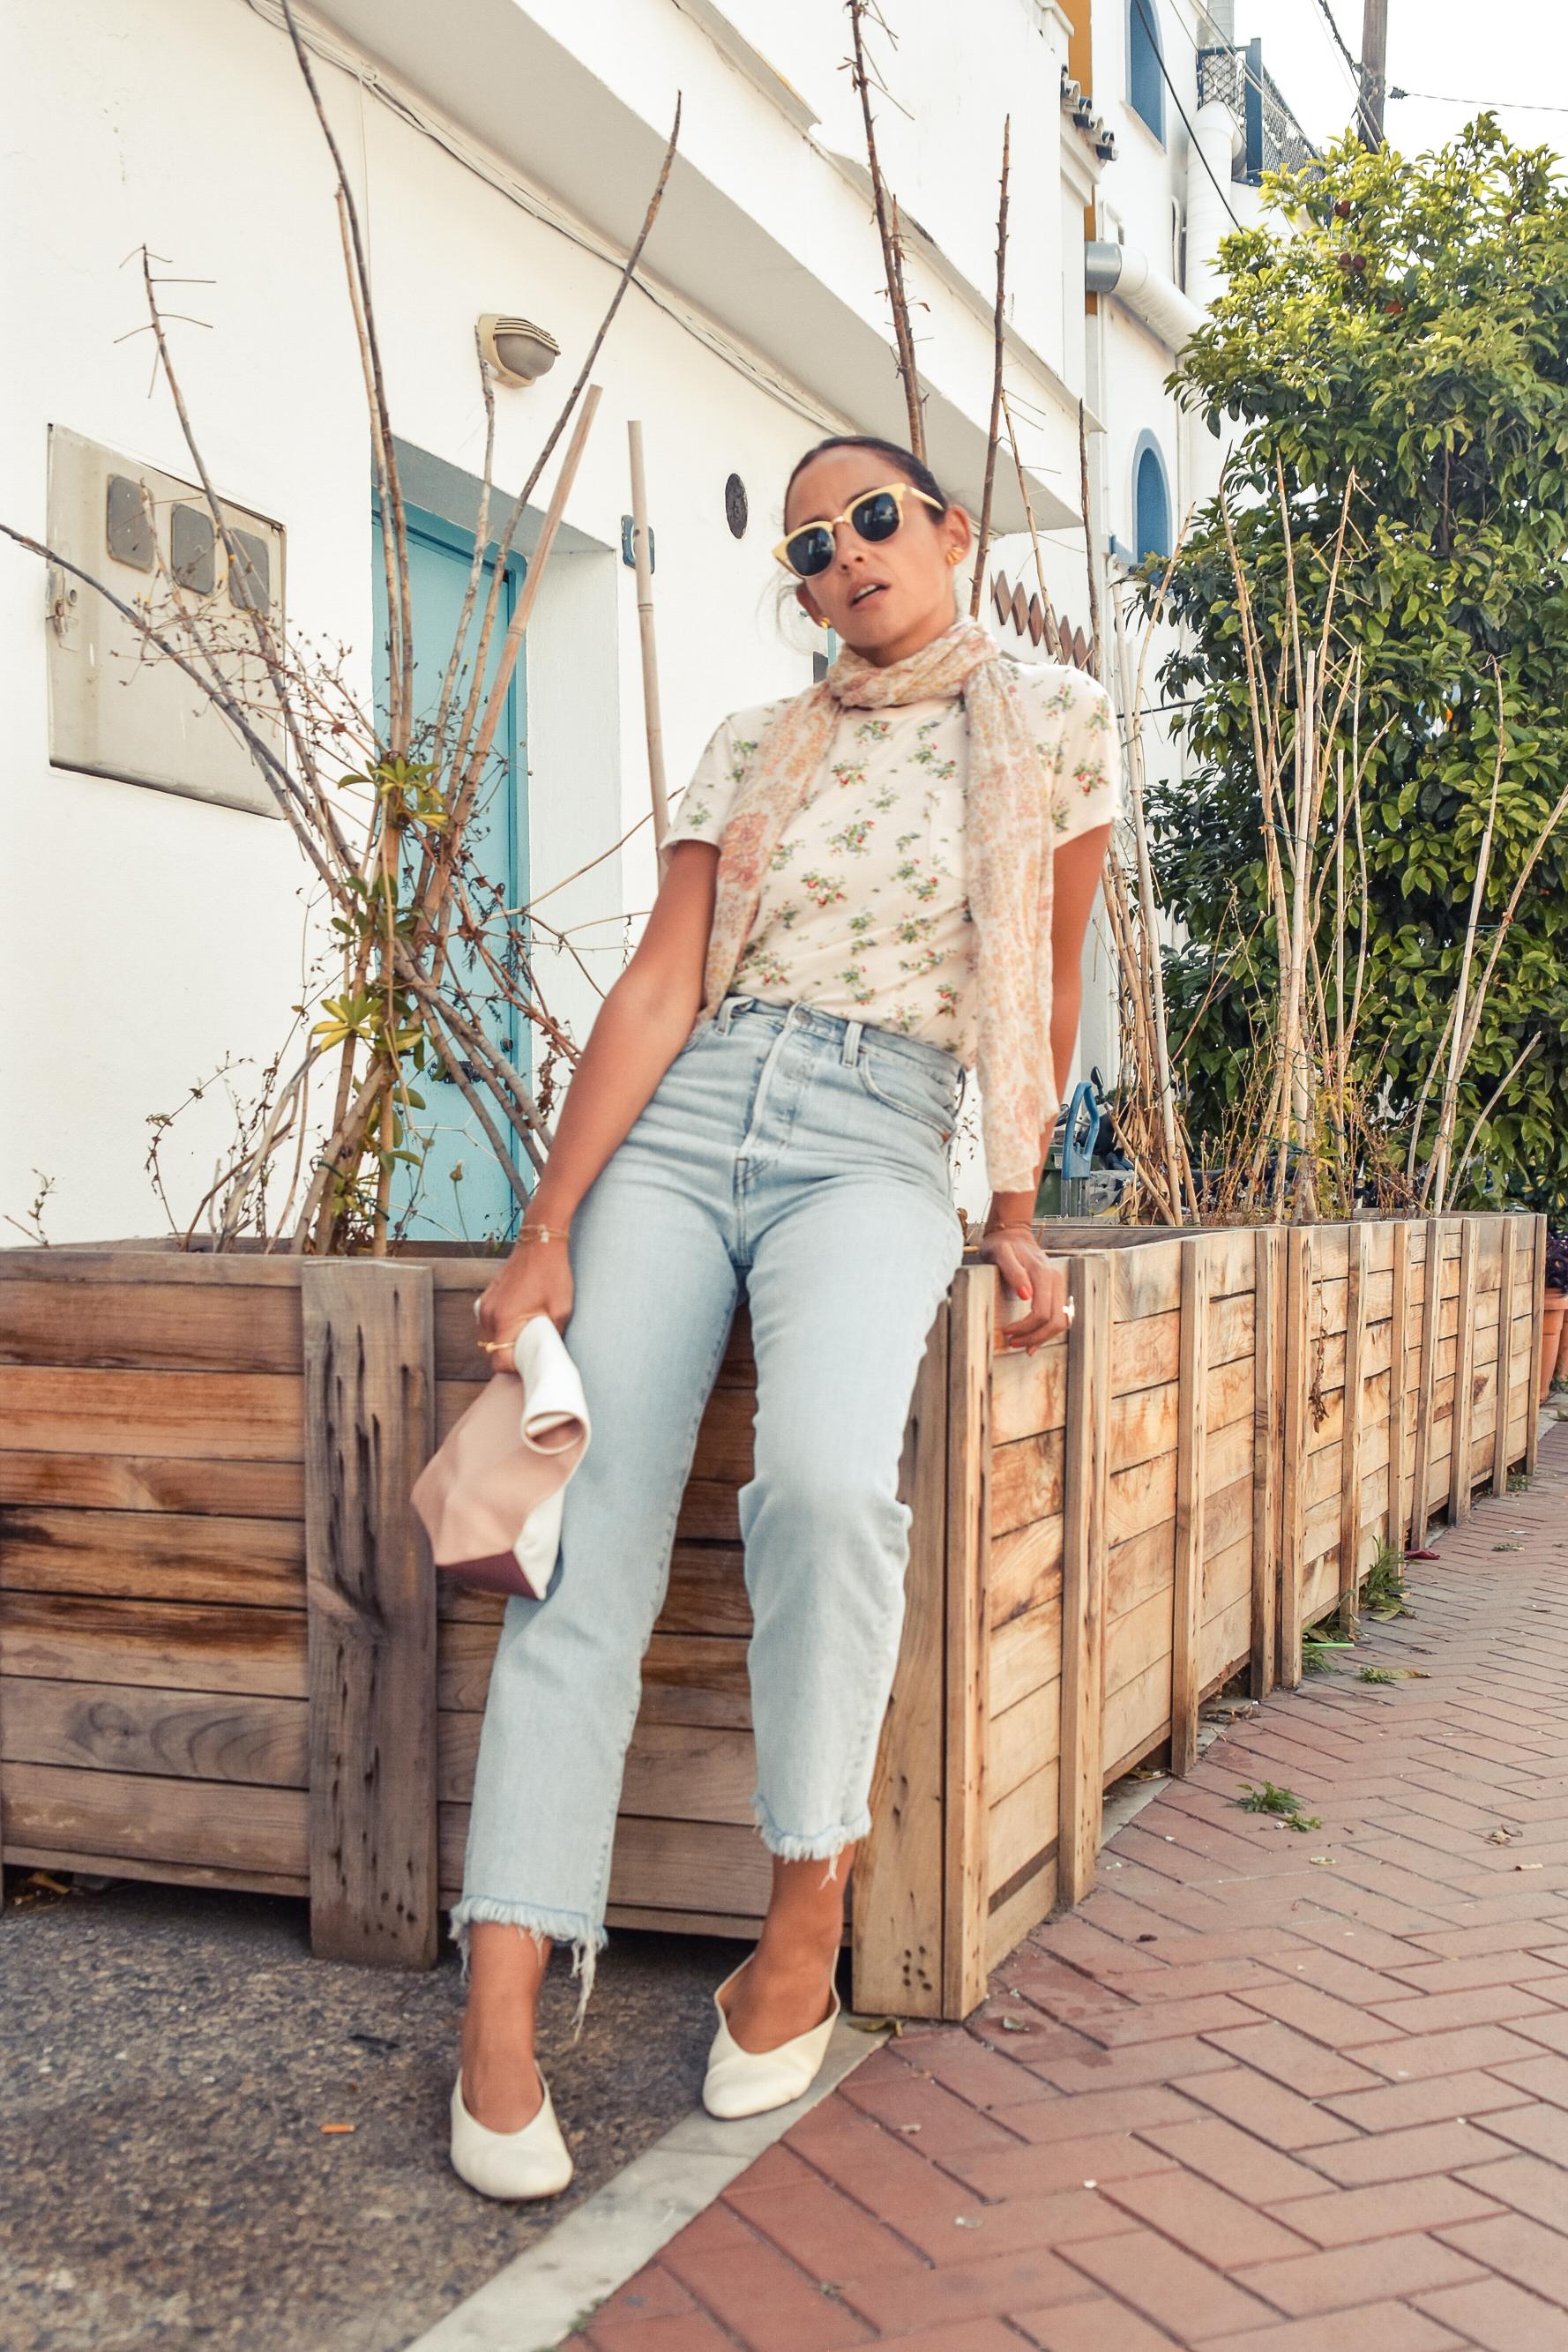 el-blog-de-silvia-look-verano-jeans-levis-camiseta-flores-06